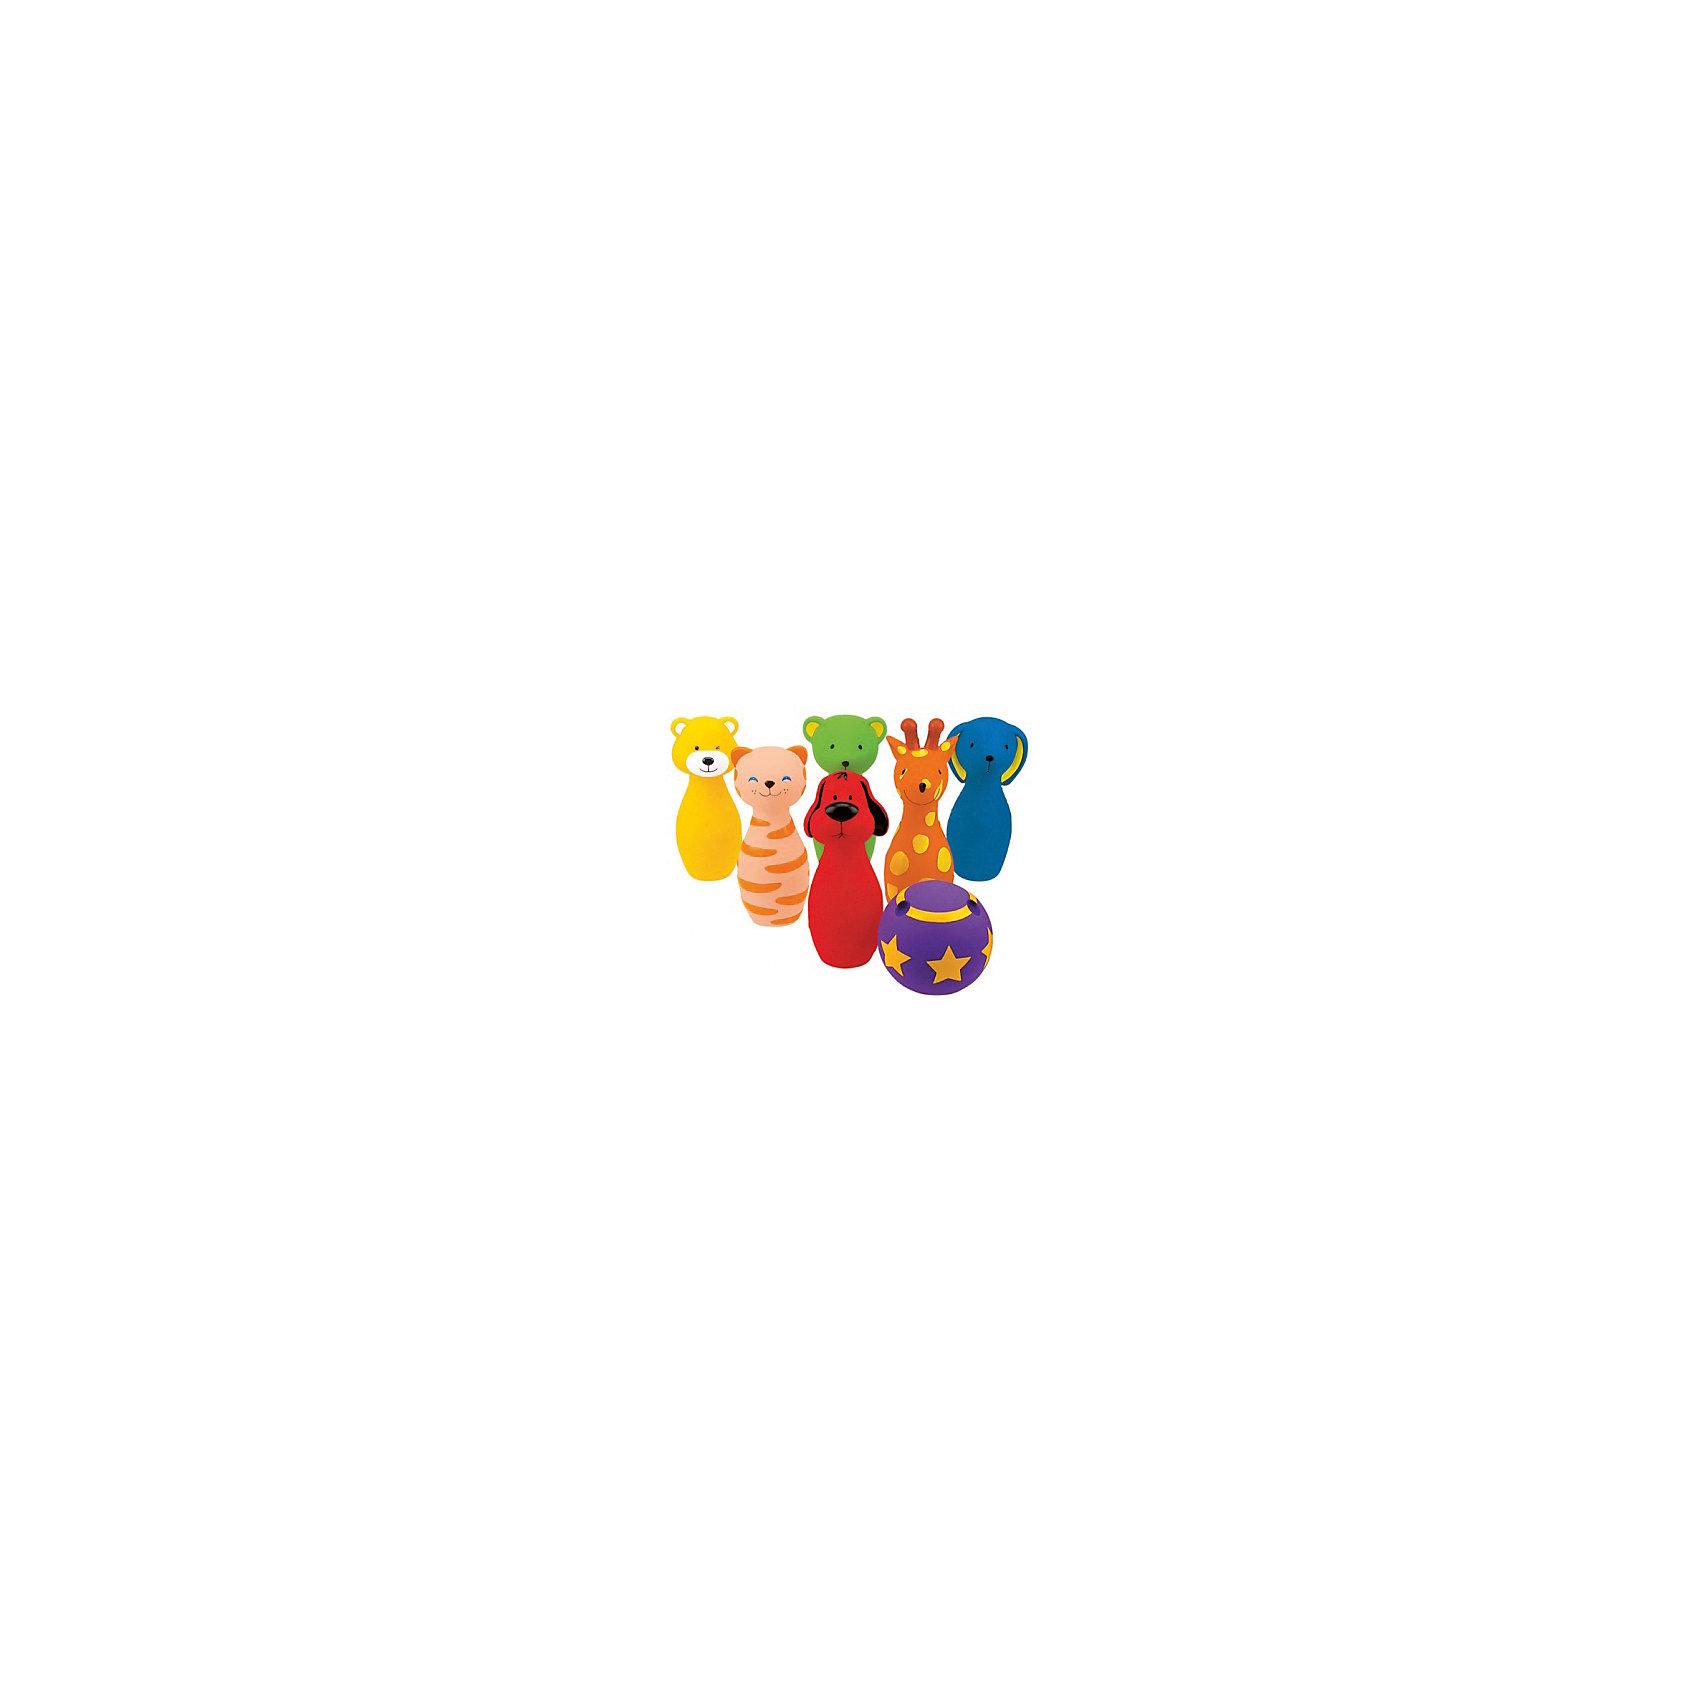 Боулинг цветной виниловый, Ks KidsРазвивающие игрушки<br>Боулинг цветной виниловый, Ks Kids (Кс Кидс) ? набор предназначен как для одиночной игры, так и для нескольких детей. Выполненные из цветного винила кегли в форме веселых животных не оставят равнодушным ни одного малыша. Поверхность каждой кегли  с разной фактурой ?  выпуклые шарики, спиральки, звездочки, полосочки ? позволят их использовать для развития тактильных ощущений малыша. В мячике имеются три отверстия под пальчики, чем создается имитация настоящего шара для боулинга.<br>Боулинг цветной виниловый, Ks Kids (Кс Кидс) позволит развивать у малыша координацию движения и концентрацию внимания, учит играть совместно с другими детьми, соблюдать требования и правила. <br>Для детей до года набор для боулинга Ks Kids тоже будет интересен, с ним можно купаться в ванной, ходить на прогулку, кегли удобно держать в руке. Даже если малыш попытается грызть кегли ? беспокоиться не стоит, так как при изготовлении игрушки использованы нетоксичные гипоаллергенные материалы.<br>Боулинг цветной виниловый, Ks Kids (Кс Кидс) ? увлекательный боулинг дома и на улице!<br> <br>Дополнительная информация:<br><br>- Вид игр: спортивные (подвижные)<br>- Предназначение: для дома, для улицы<br>- Дополнительные эффекты: при надавливании на кеглю издается характерный свист<br>- Материал: винил <br>- Размер: кегли 18*5 см; диаметр мячика 10 см<br>- Вес всего комплекта: 960 г<br>- Комплектация: 6 кеглей, 1 мячик<br>- Особенности ухода: разрешается мыть в теплой мыльной воде<br><br>Подробнее:<br><br>• Для детей в возрасте: от 1 года до 3 лет<br>• Страна производитель: Китай<br>• Торговый бренд: Ks Kids (Кс Кидс)<br><br>Боулинг цветной виниловый, Ks Kids (Кс Кидс) можно купить в нашем интернет-магазине.<br><br>Ширина мм: 370<br>Глубина мм: 220<br>Высота мм: 140<br>Вес г: 975<br>Возраст от месяцев: 12<br>Возраст до месяцев: 36<br>Пол: Унисекс<br>Возраст: Детский<br>SKU: 4790442